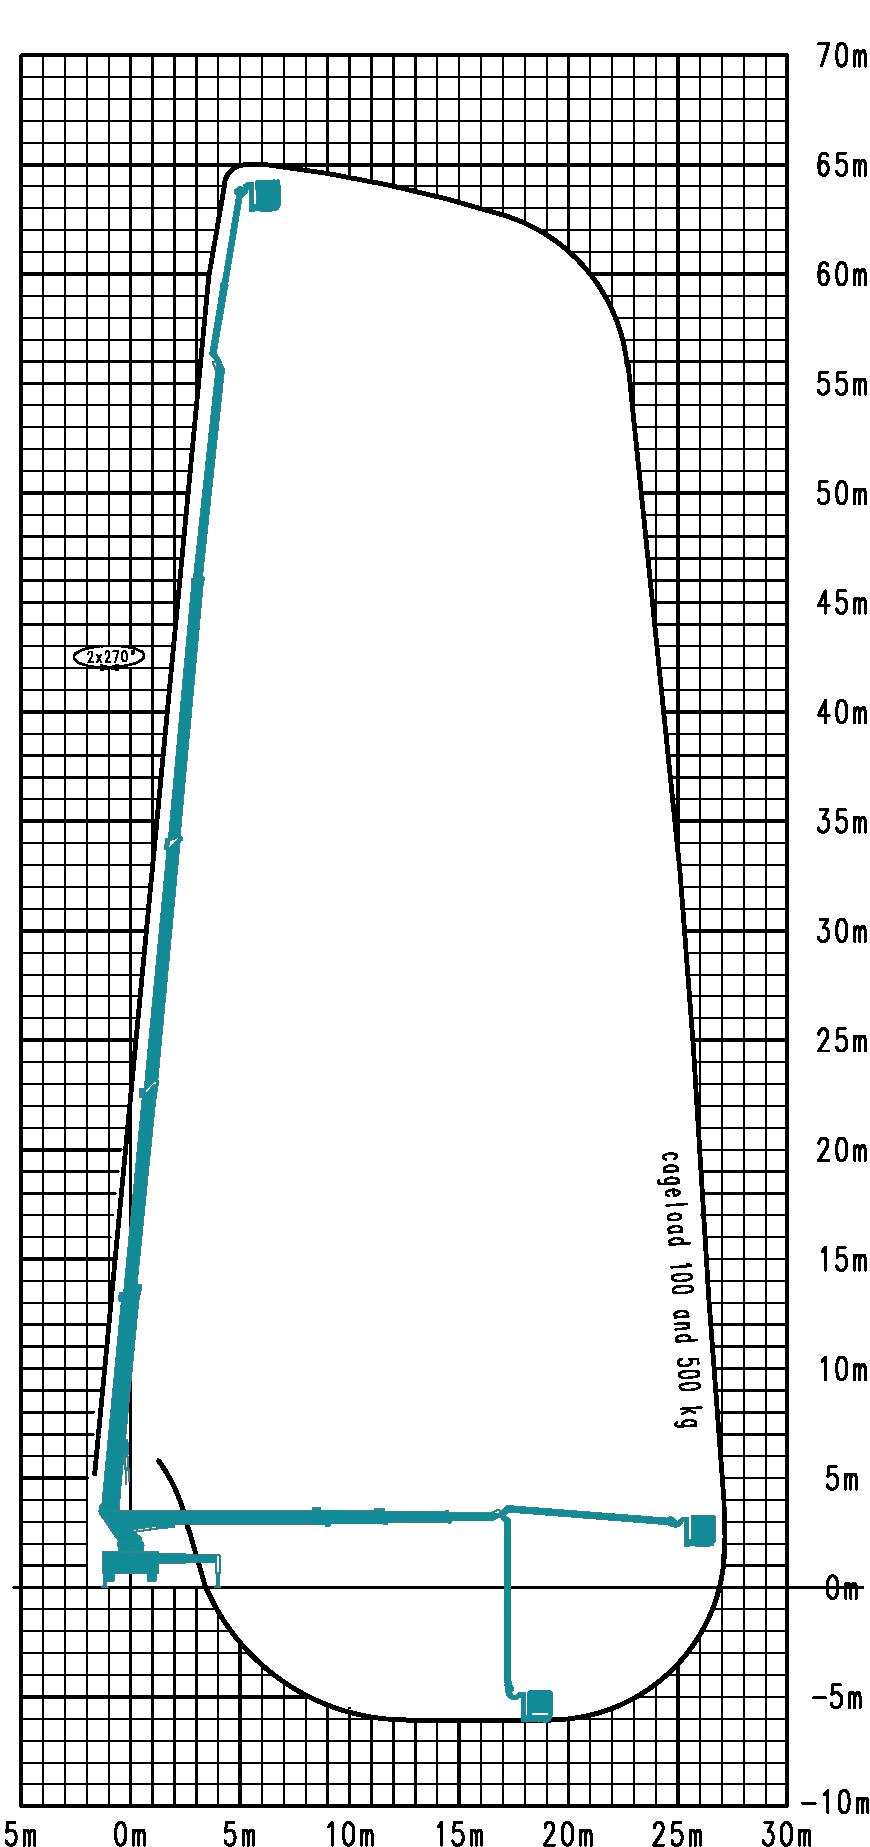 P650i Diagram